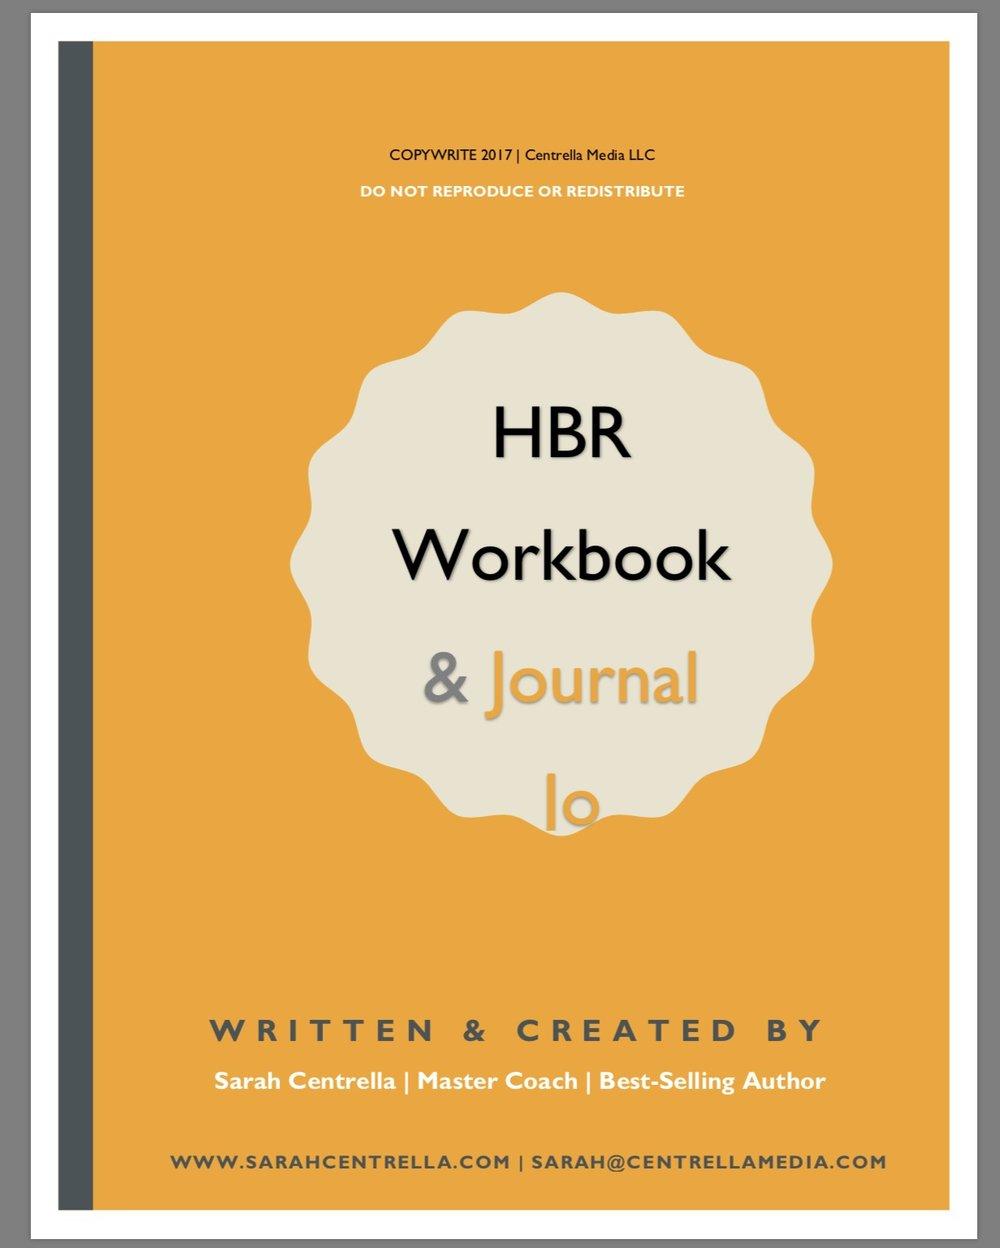 HBR WORKBOOK